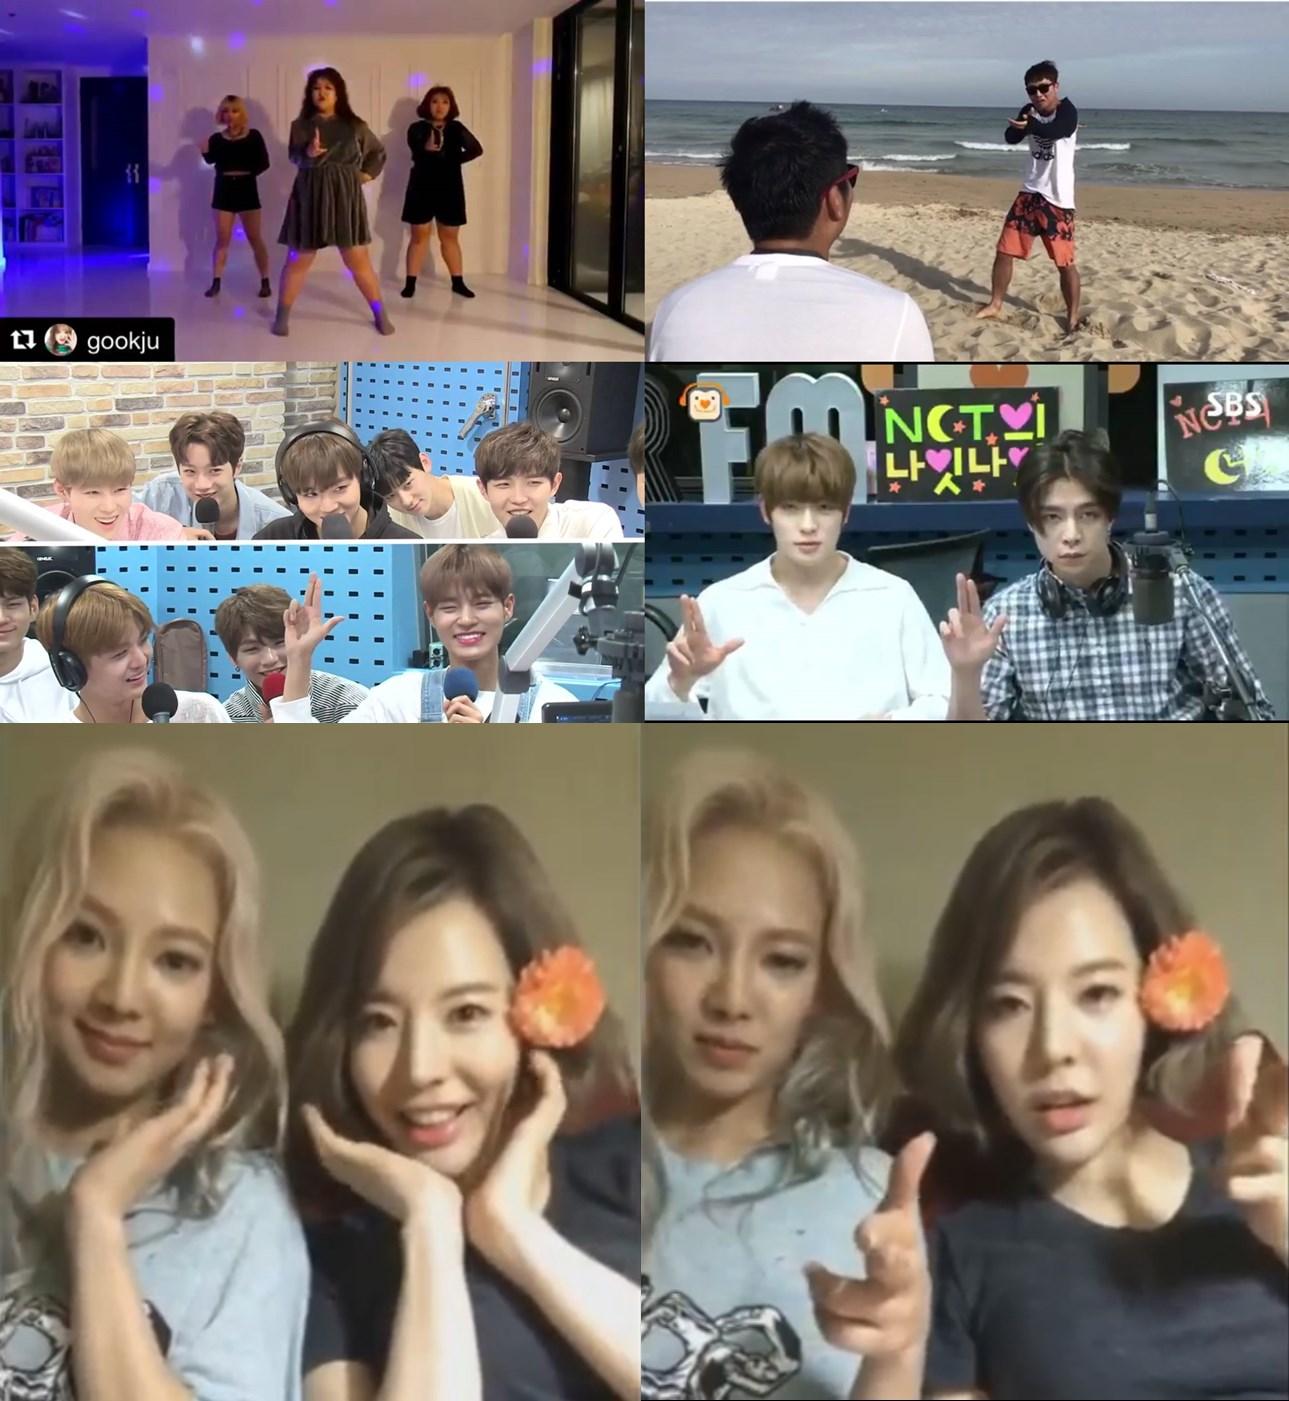 선미, 가시나 안무 커버&패러디 영상 속출! 워너원부터 소녀시대까지